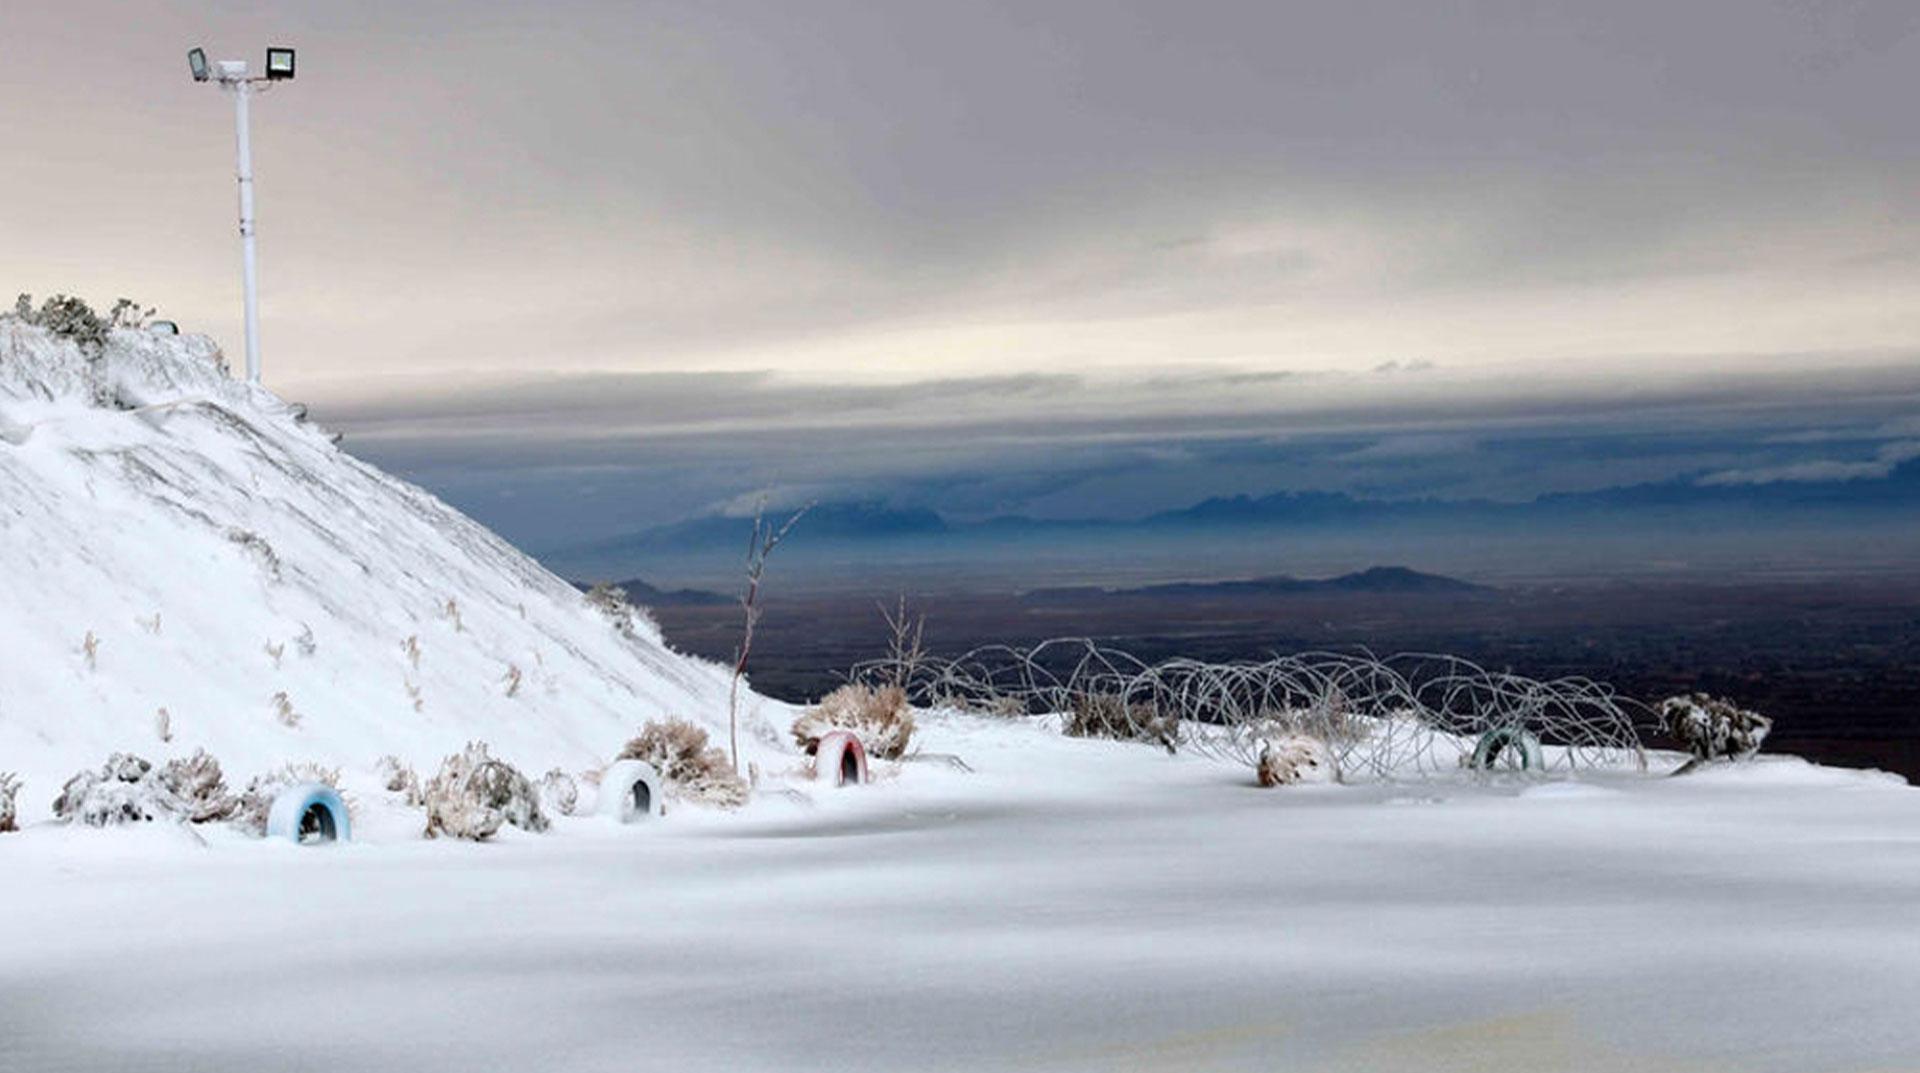 Pakistan'da Yoğun Kar Yağışı! Ölü Sayısı 57'ye Yükseldi